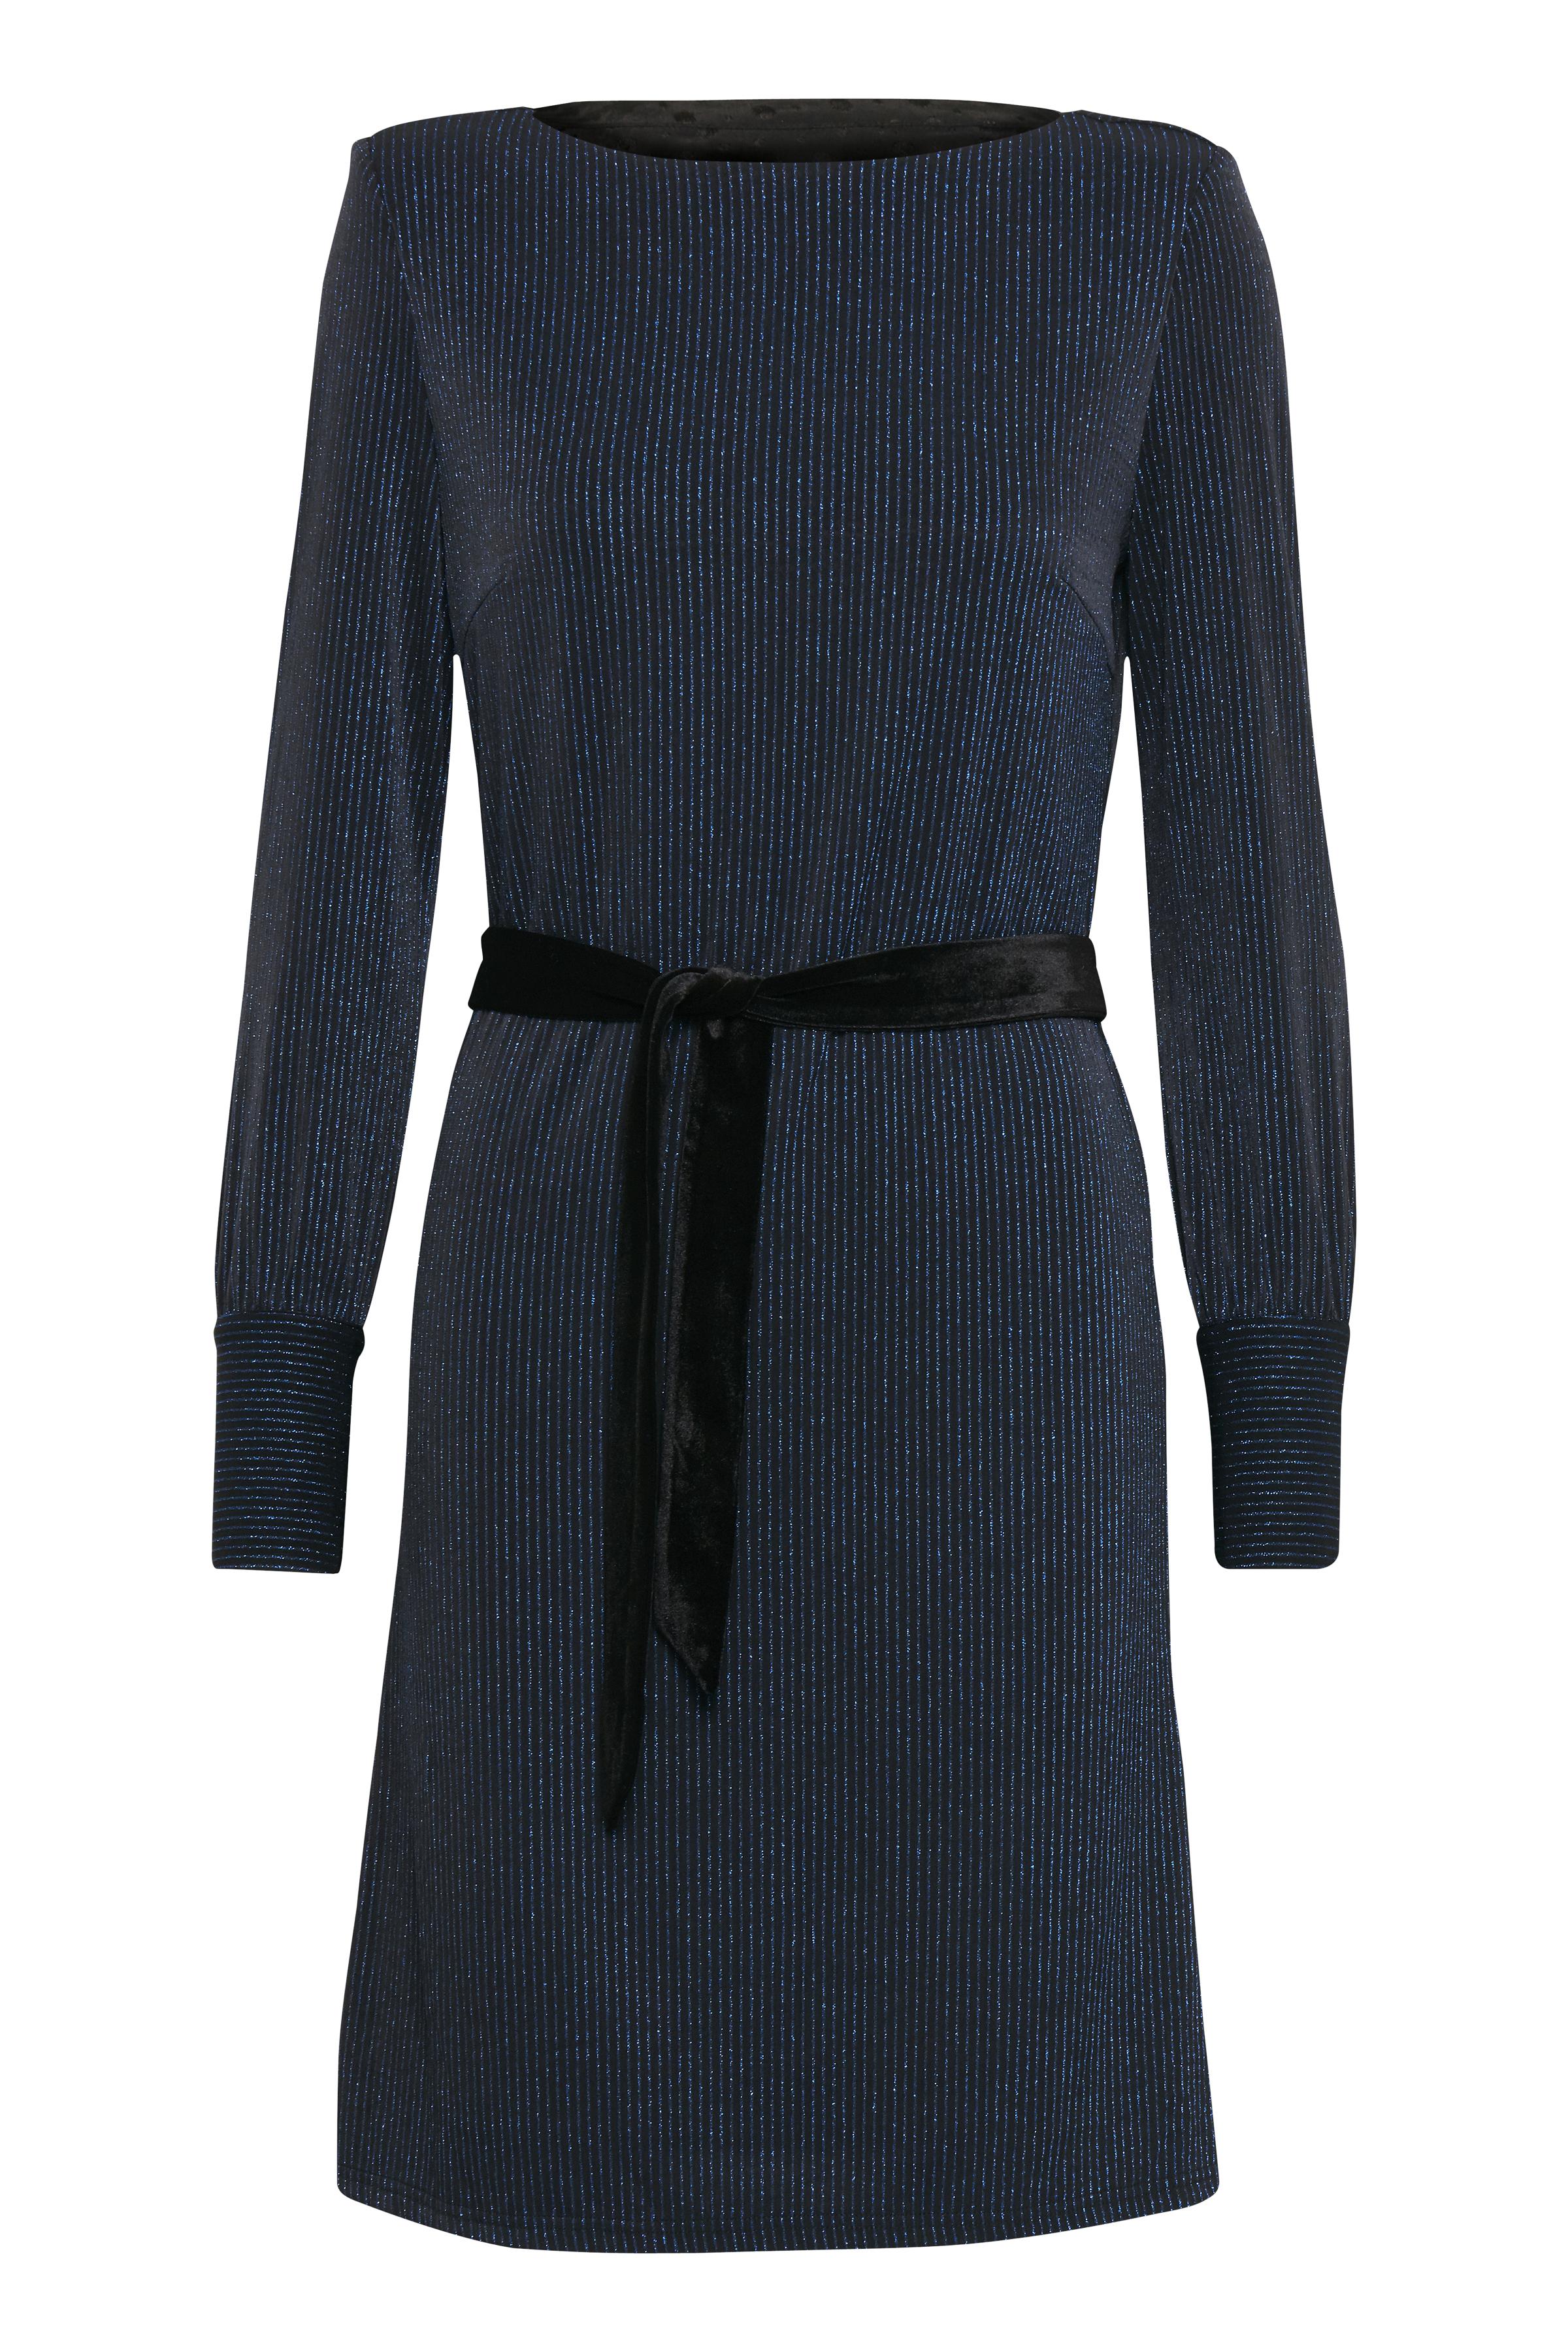 Image of   Dranella Dame Elegant kjole, som du vil elske at have på, når efterårets fester melder sig. Kjolen - Mørkeblå